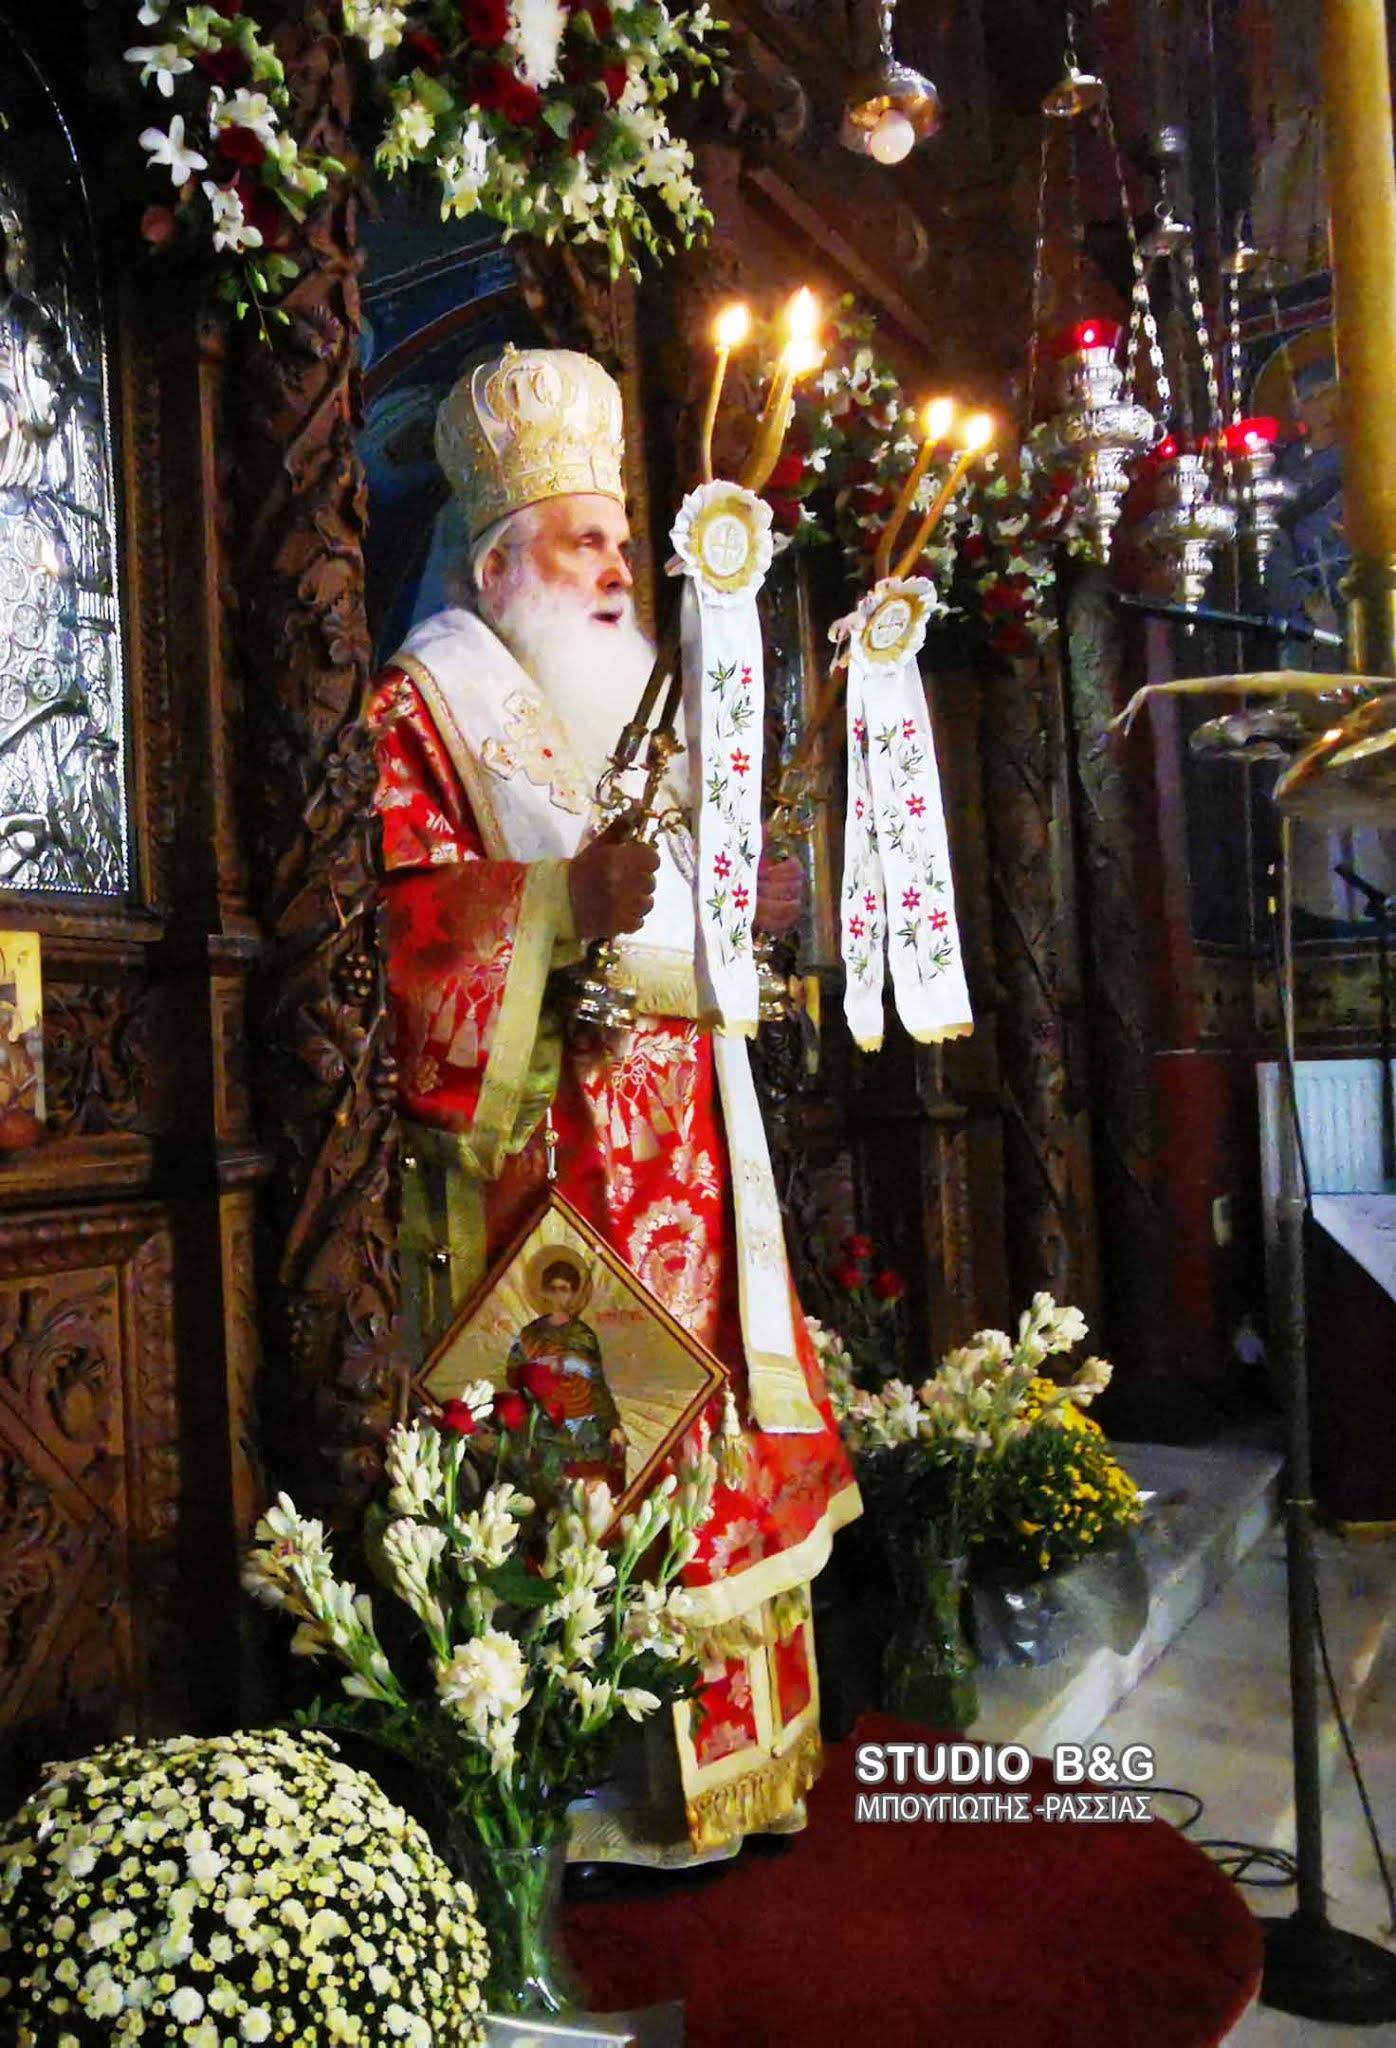 Η εορτή του Αγίου Δημητρίου στην Ιερά Μονή Καρακαλά